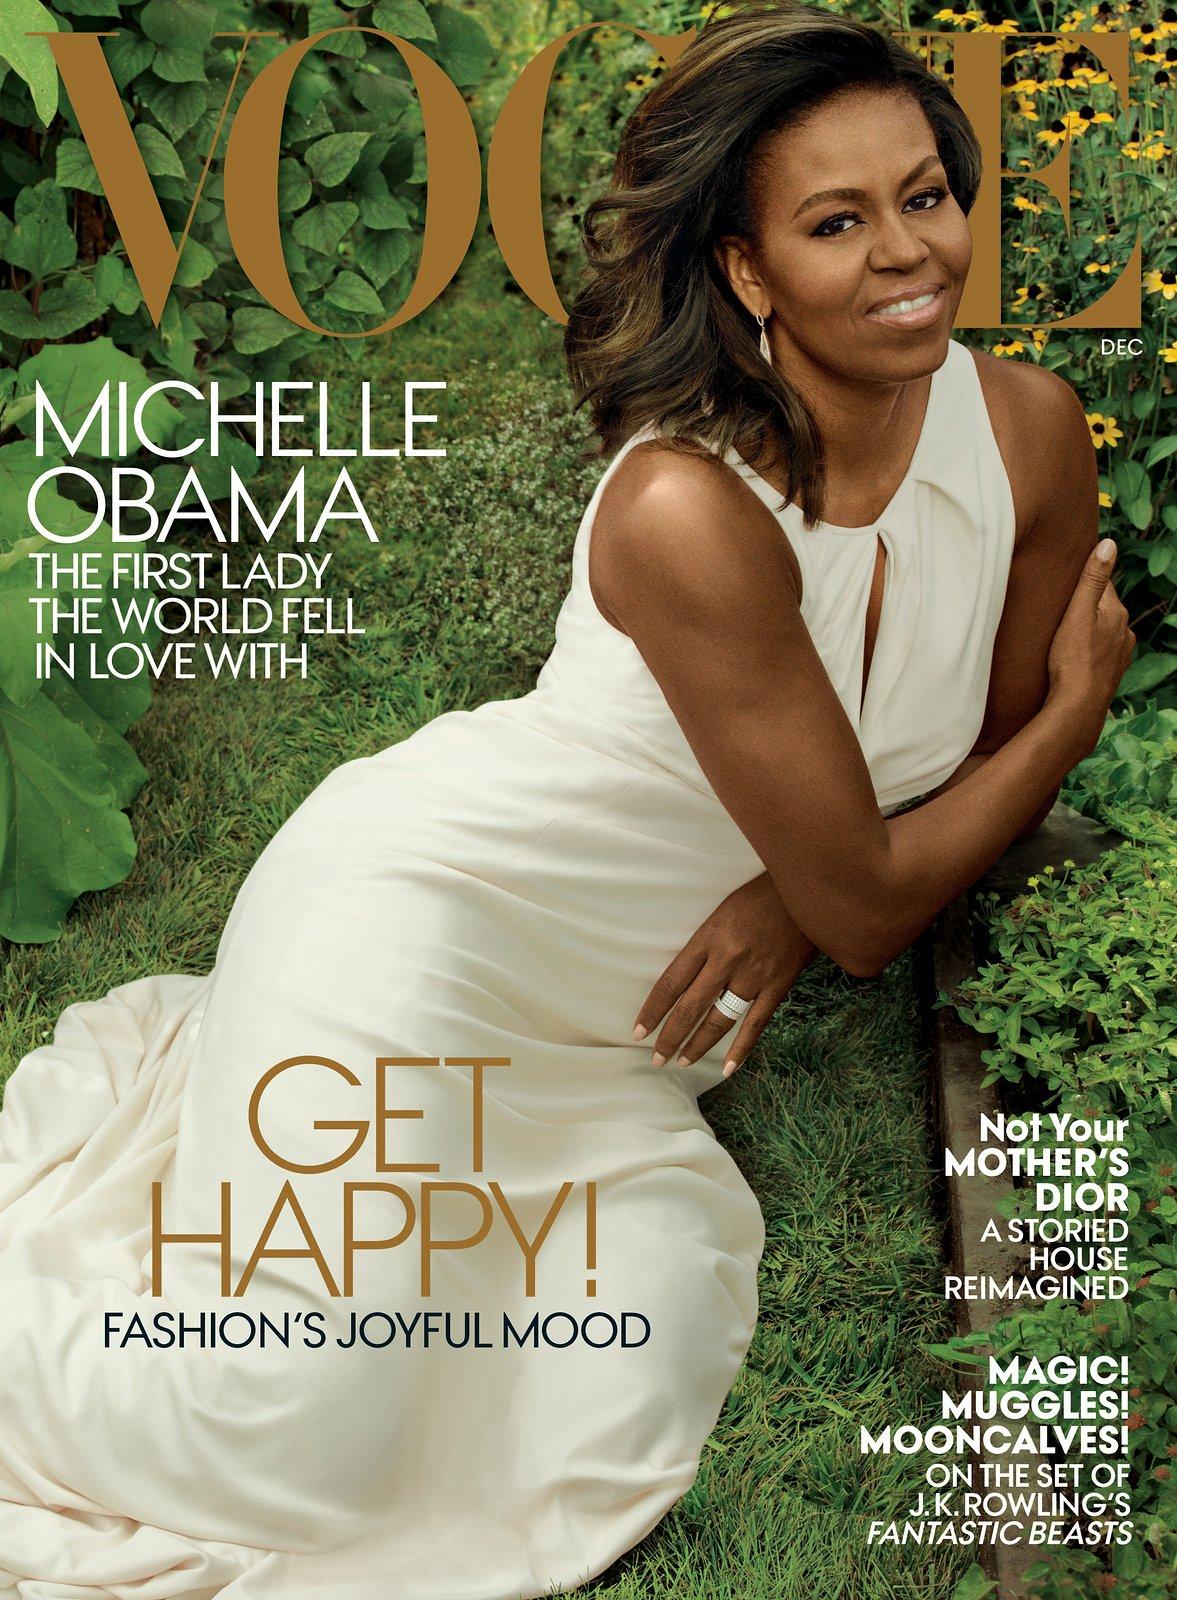 Michelle Obama graces US Vogue